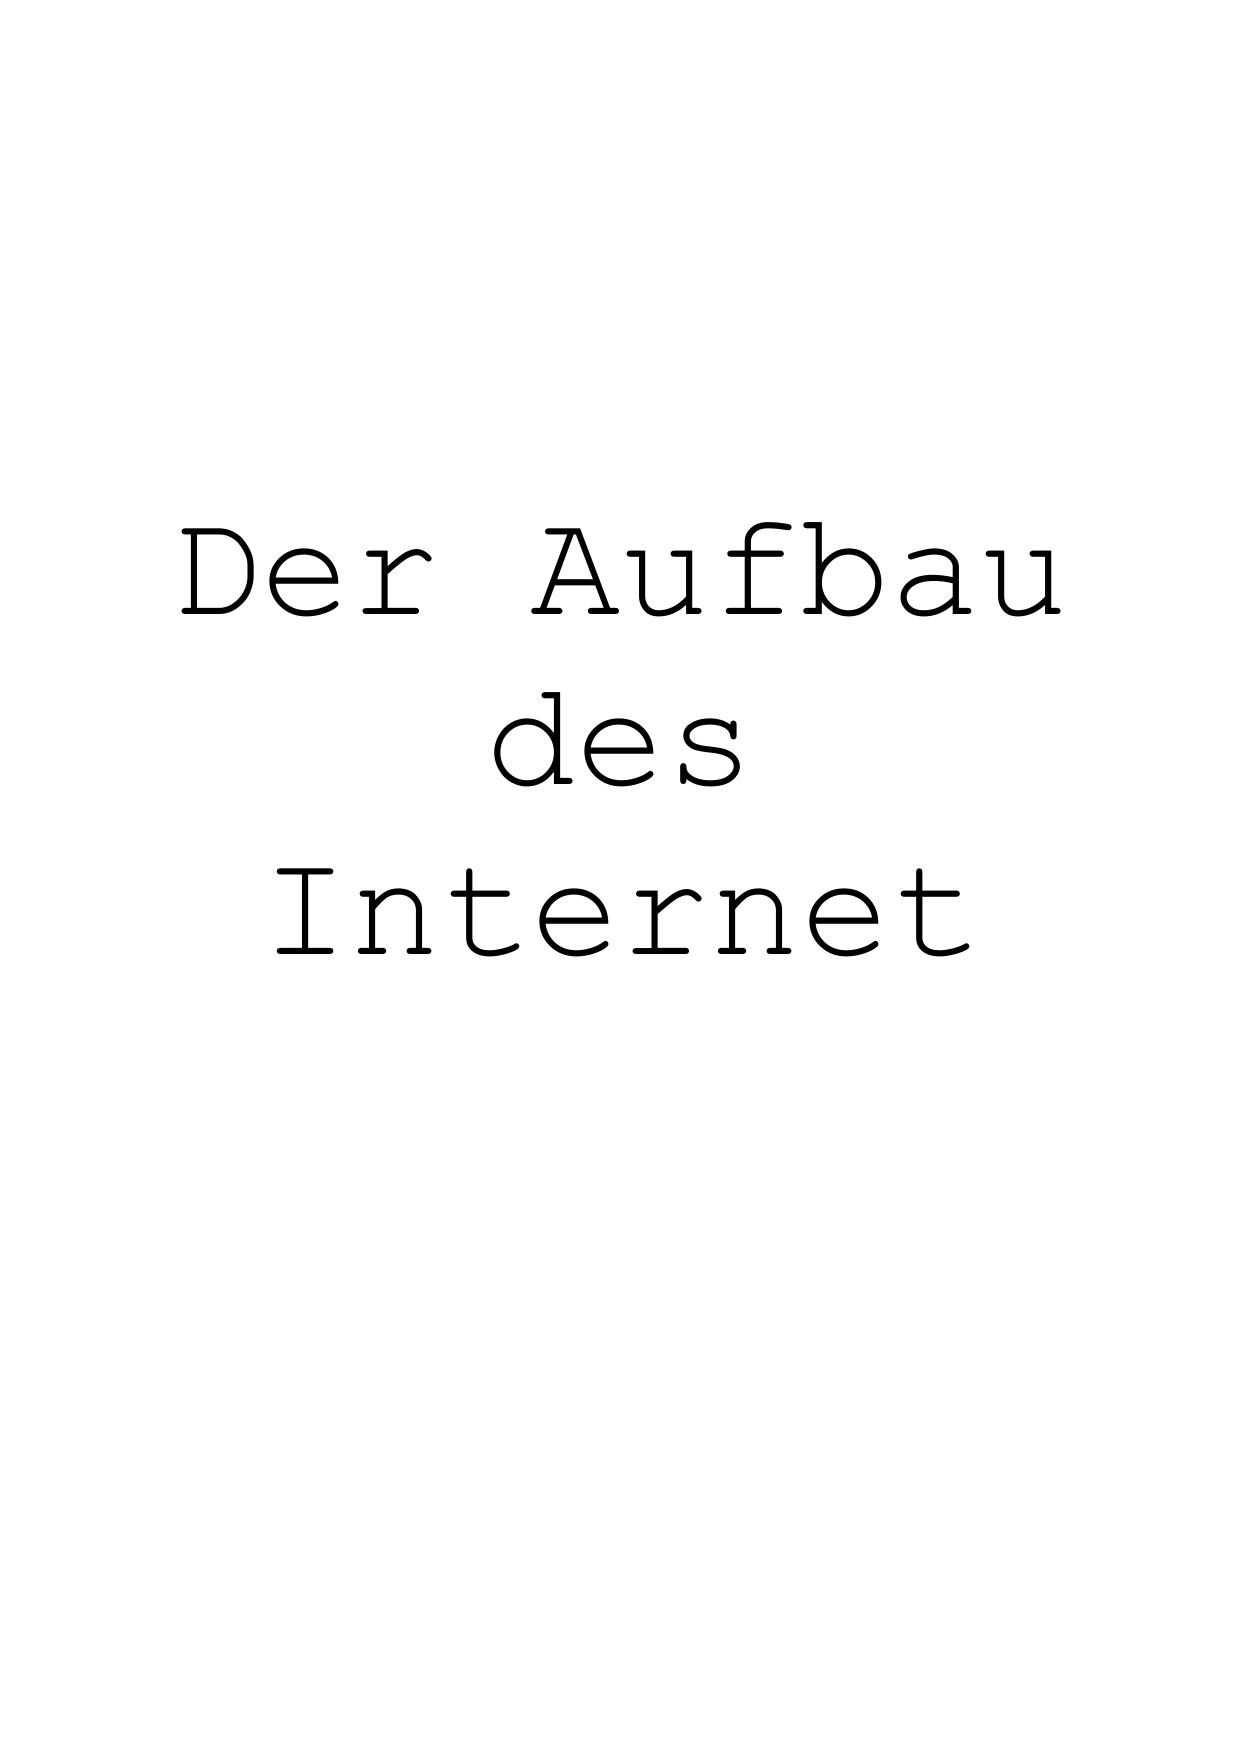 Der Aufbau des Internet | manualzz.com